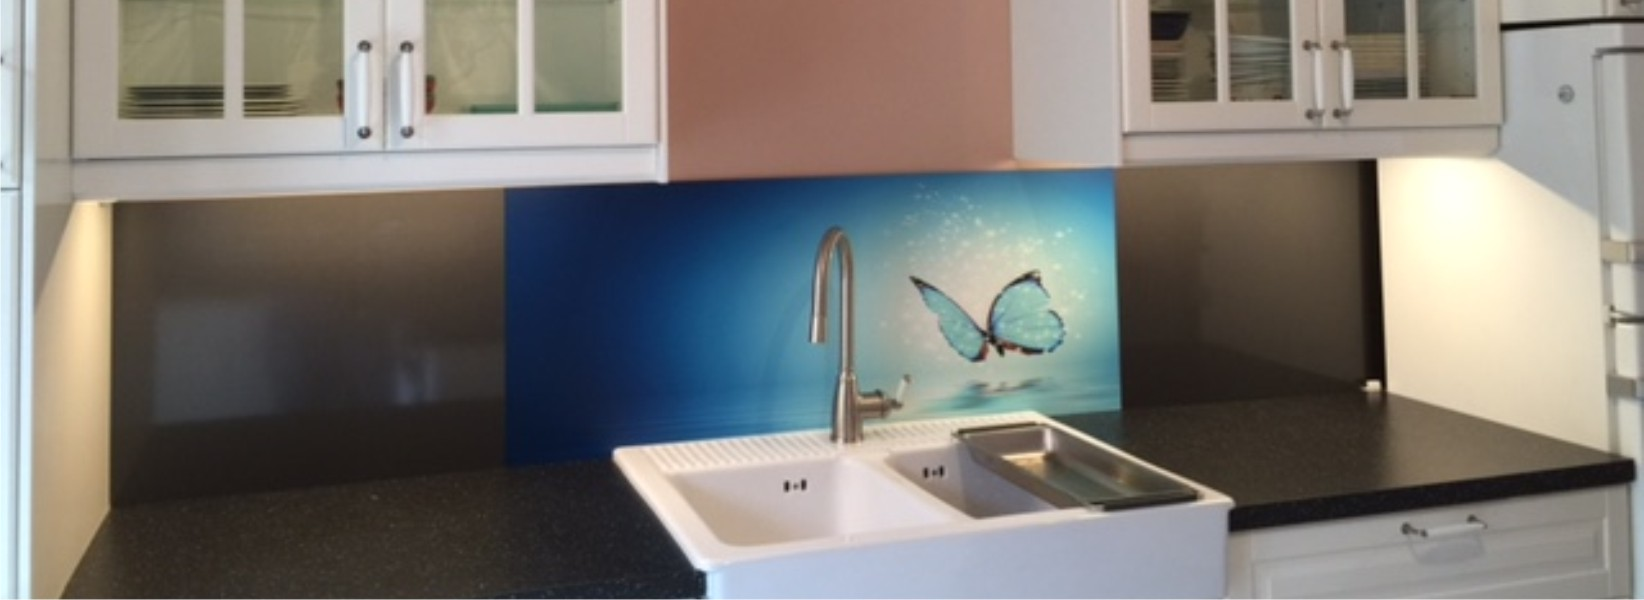 cr dence d co rev tement mural d coratif pour plan de travail en cuisine. Black Bedroom Furniture Sets. Home Design Ideas